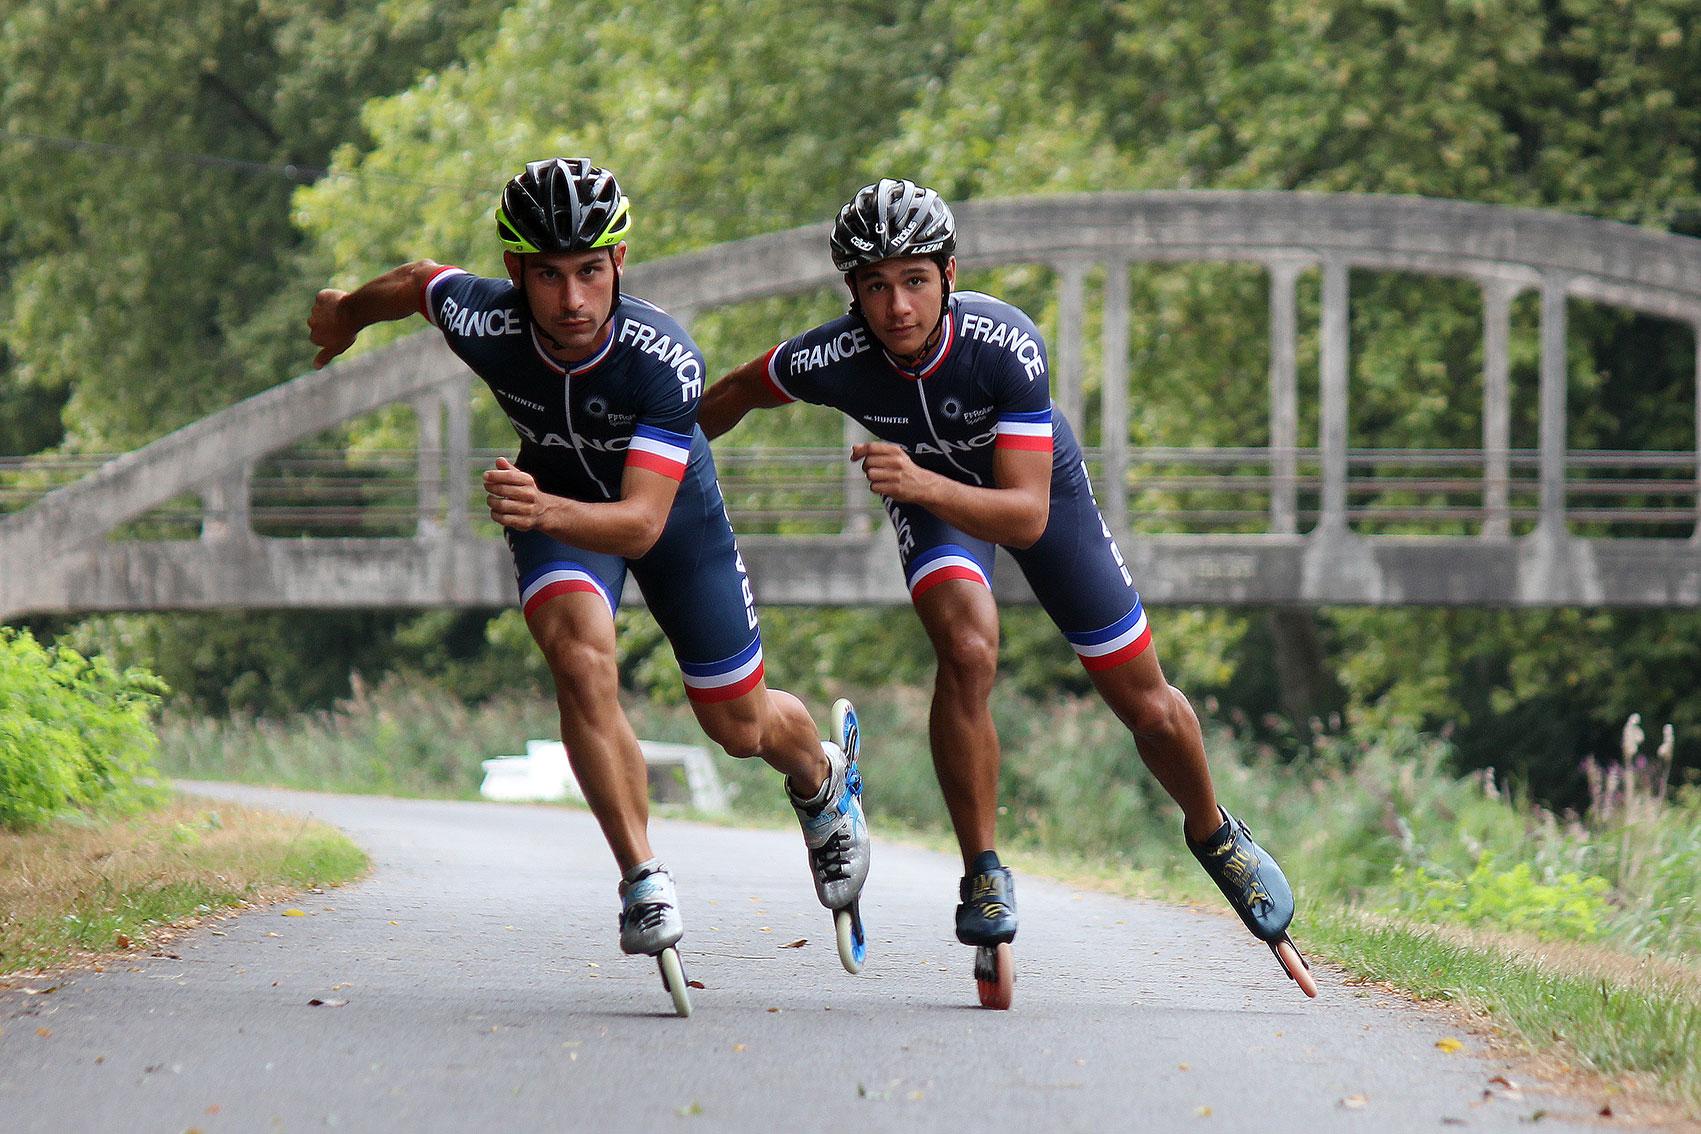 Photographe événementiel et reportages professionnels hommes de l'équipe de france de roller de vitesse champions de france